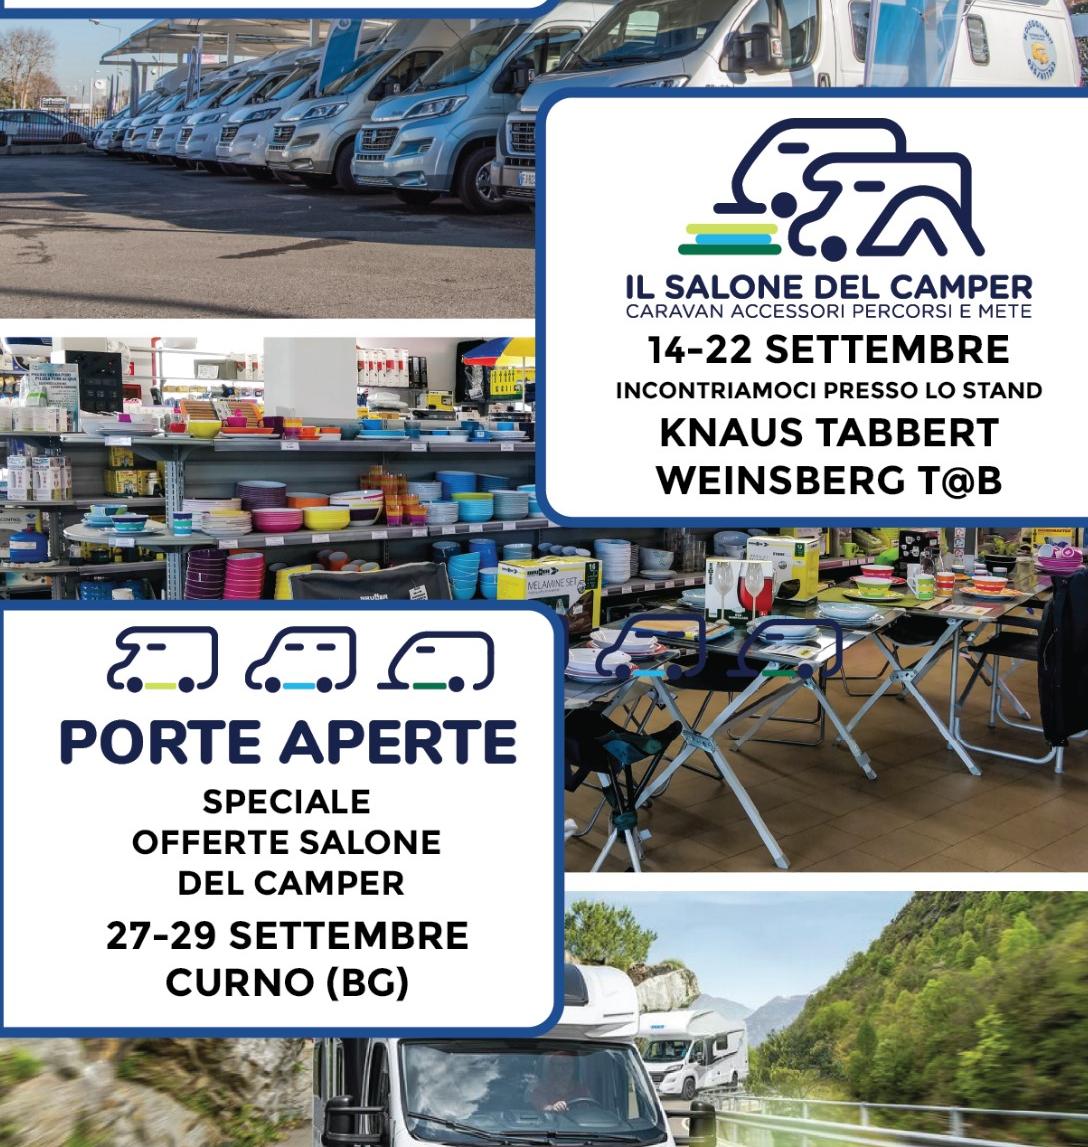 1-VOLANTINO-SETTEMBRE-2019-FUSTINONI-SPORT.jpg-Copia